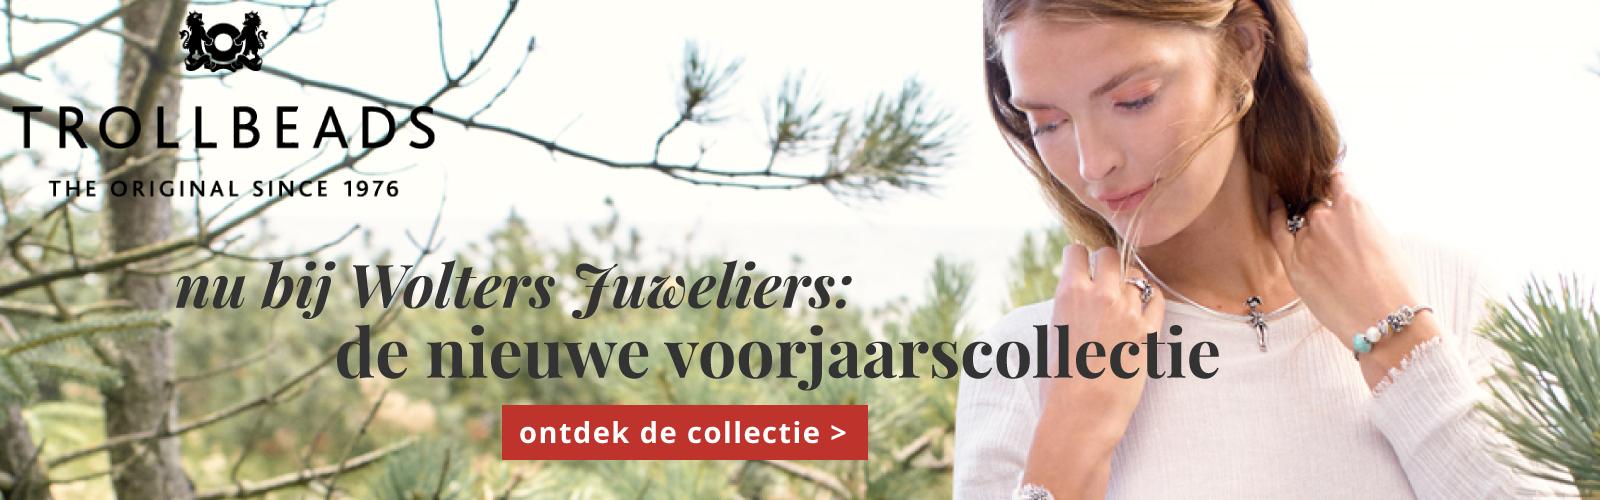 trollbeads-voorjaar-2017-header-wolters-juweliers-Coevorden